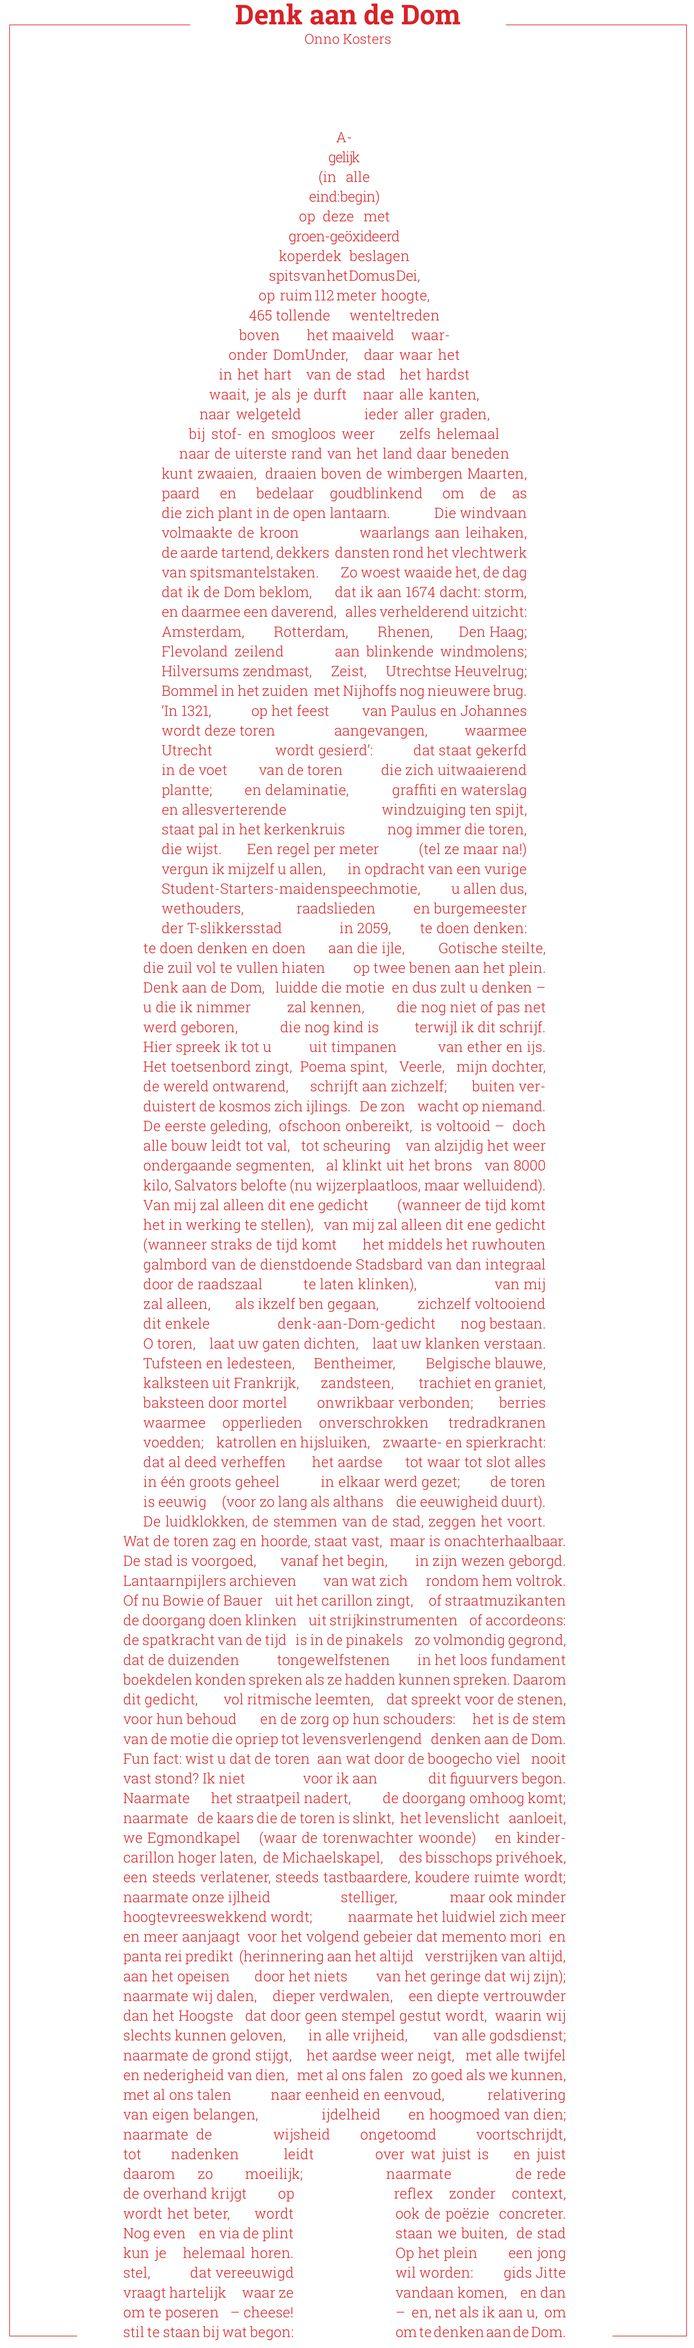 Gedicht 'Denk aan de Dom' van Onno Kosters.